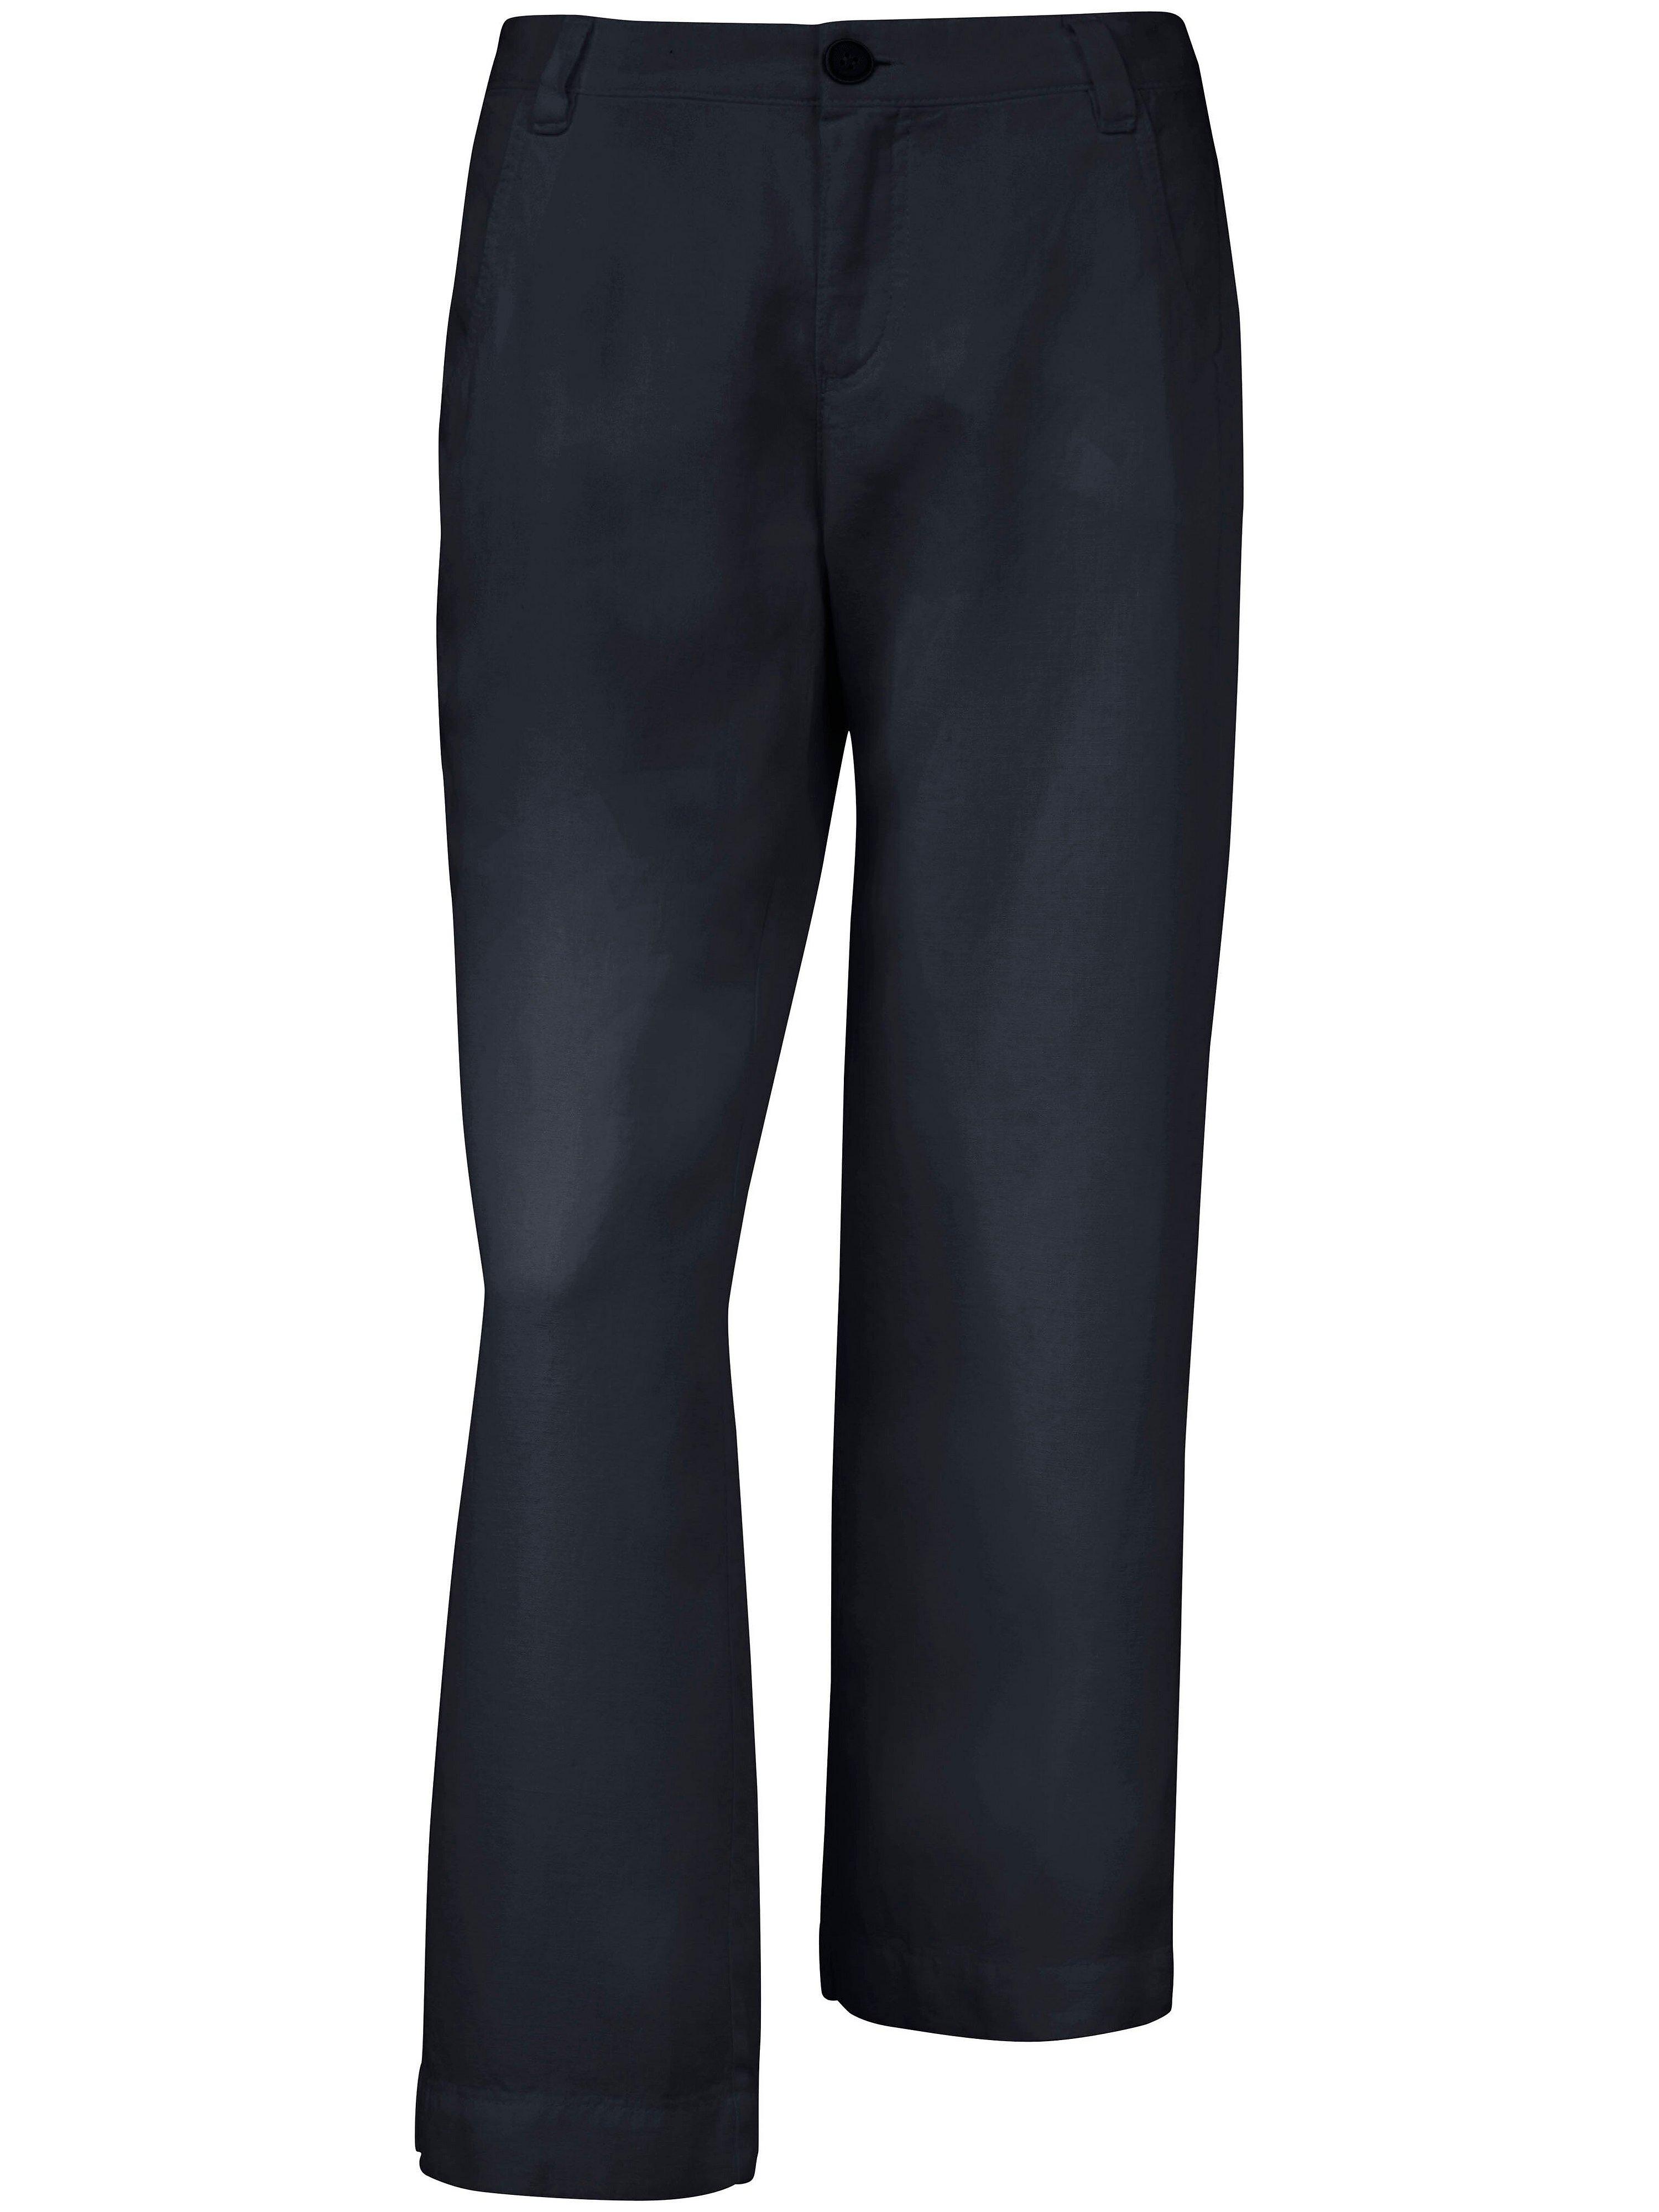 Culotte van 100% linnen Van Peter Hahn blauw